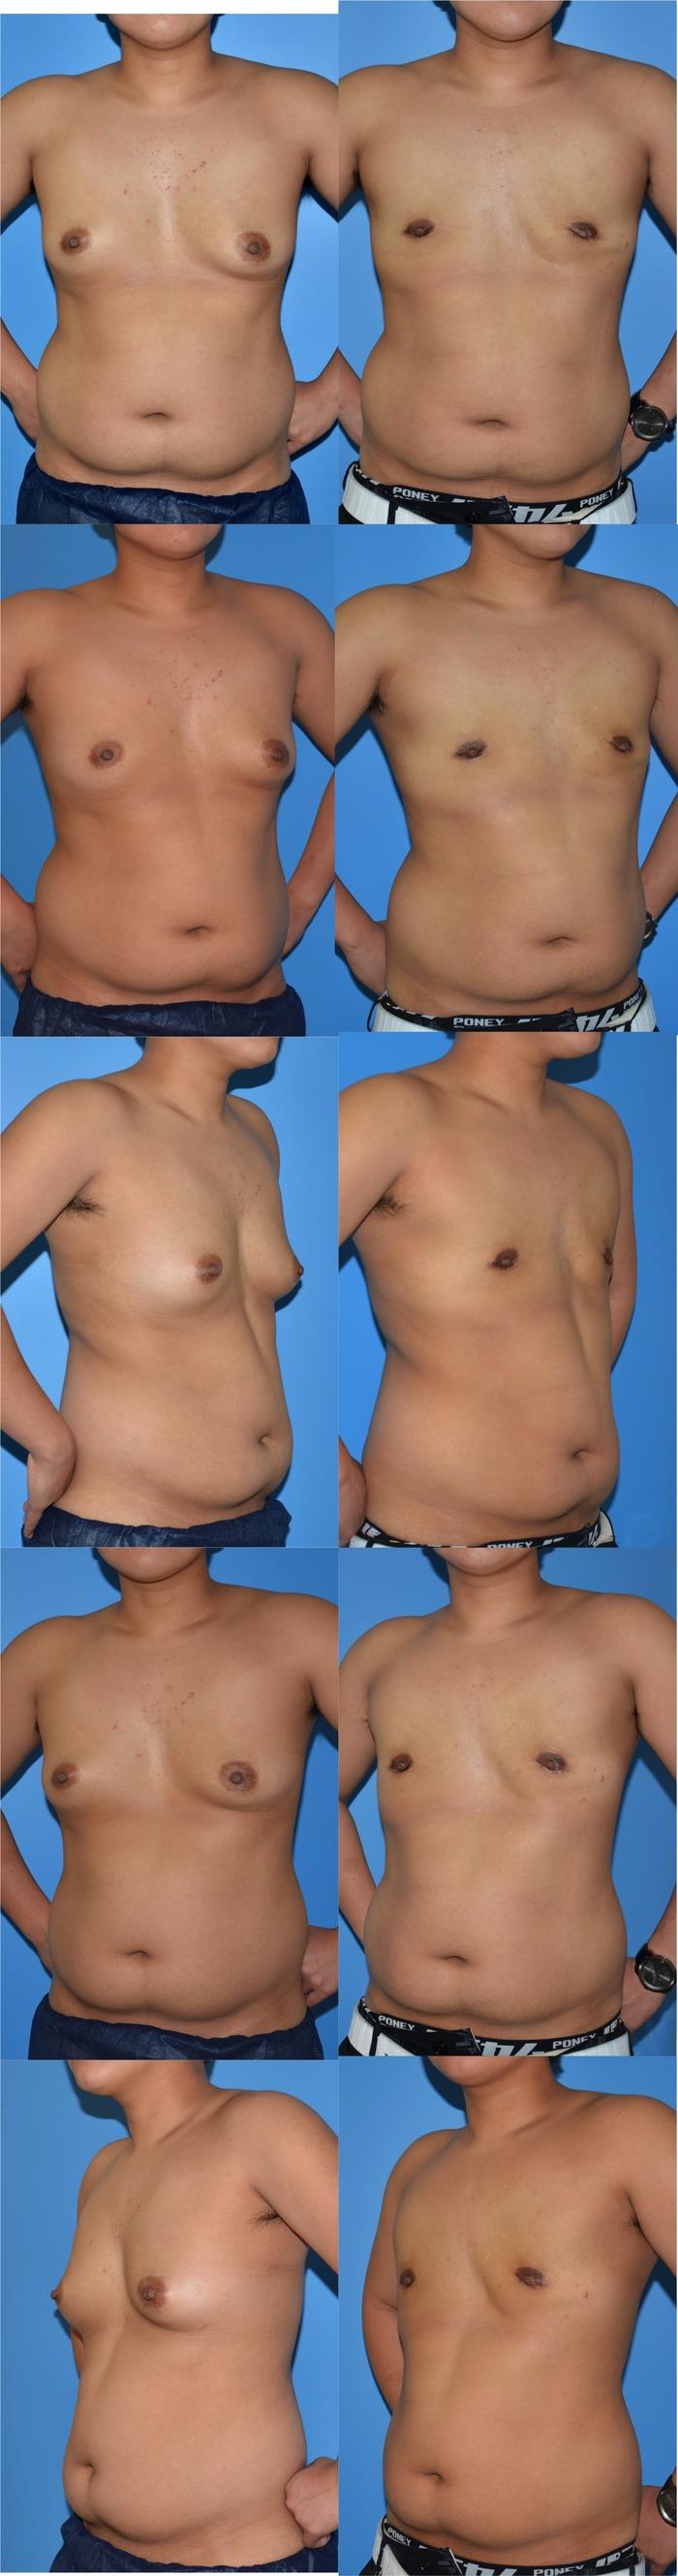 乳腺切除yn 術後3ヶ月